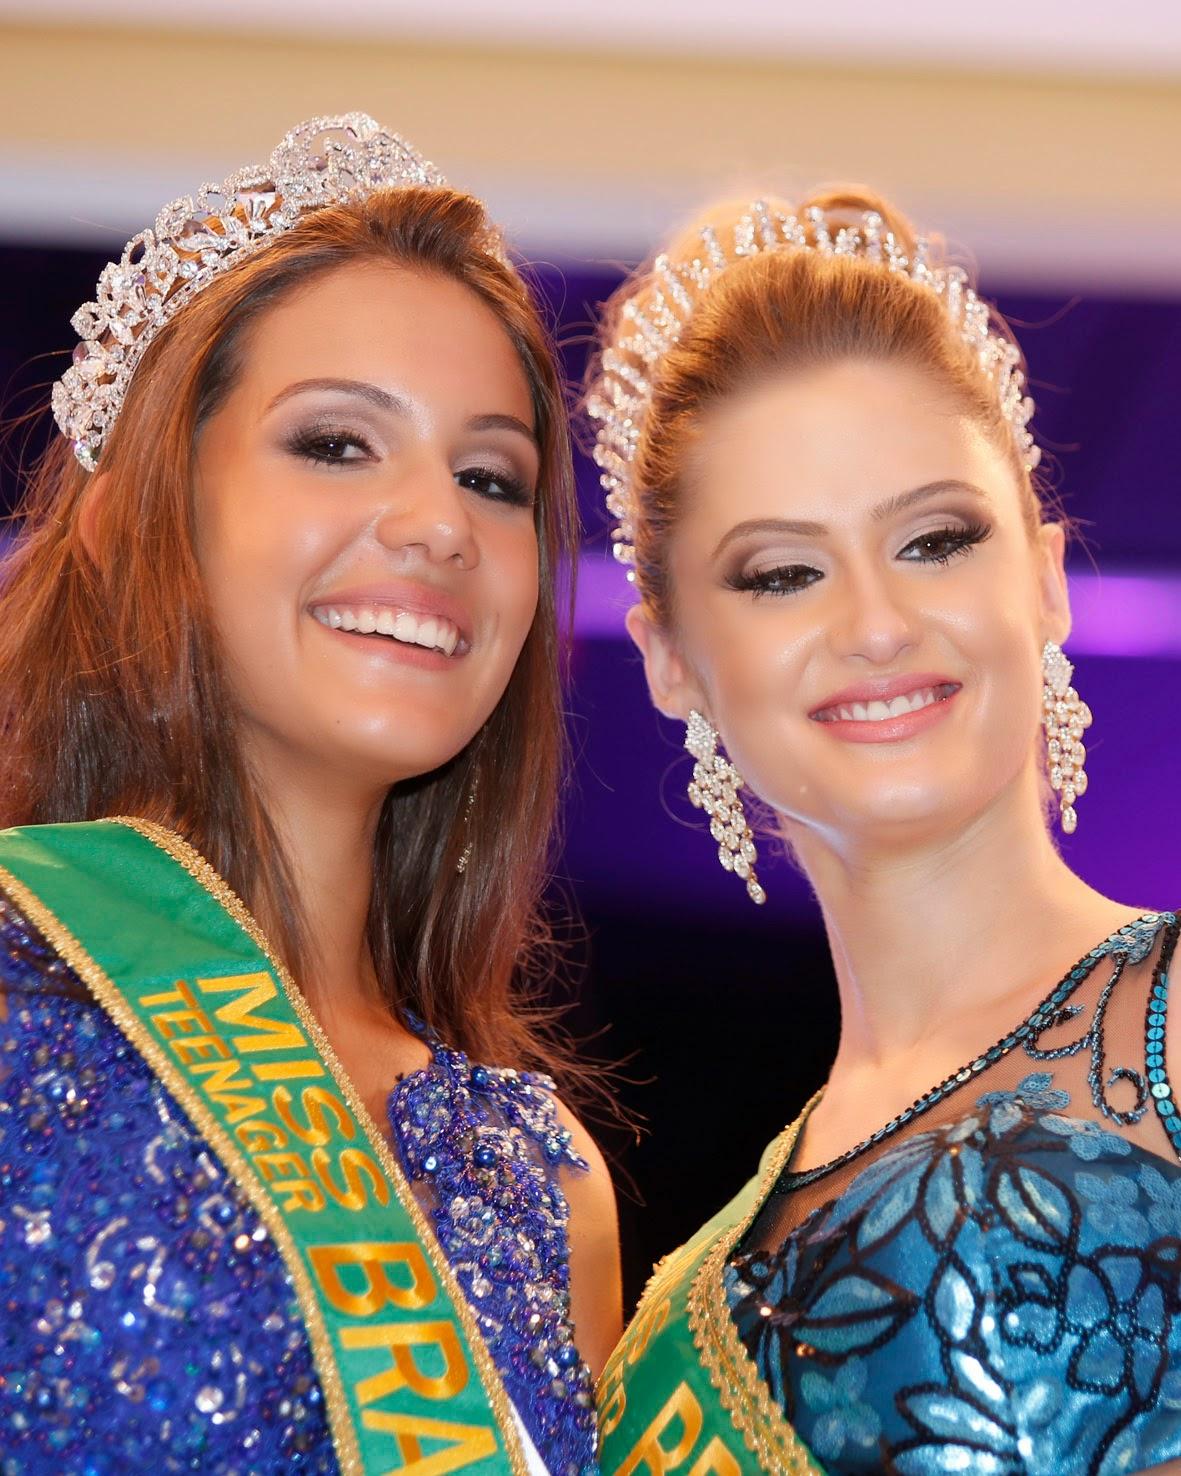 amanda paggi, miss teenager brasil 2012.  - Página 2 Misste10